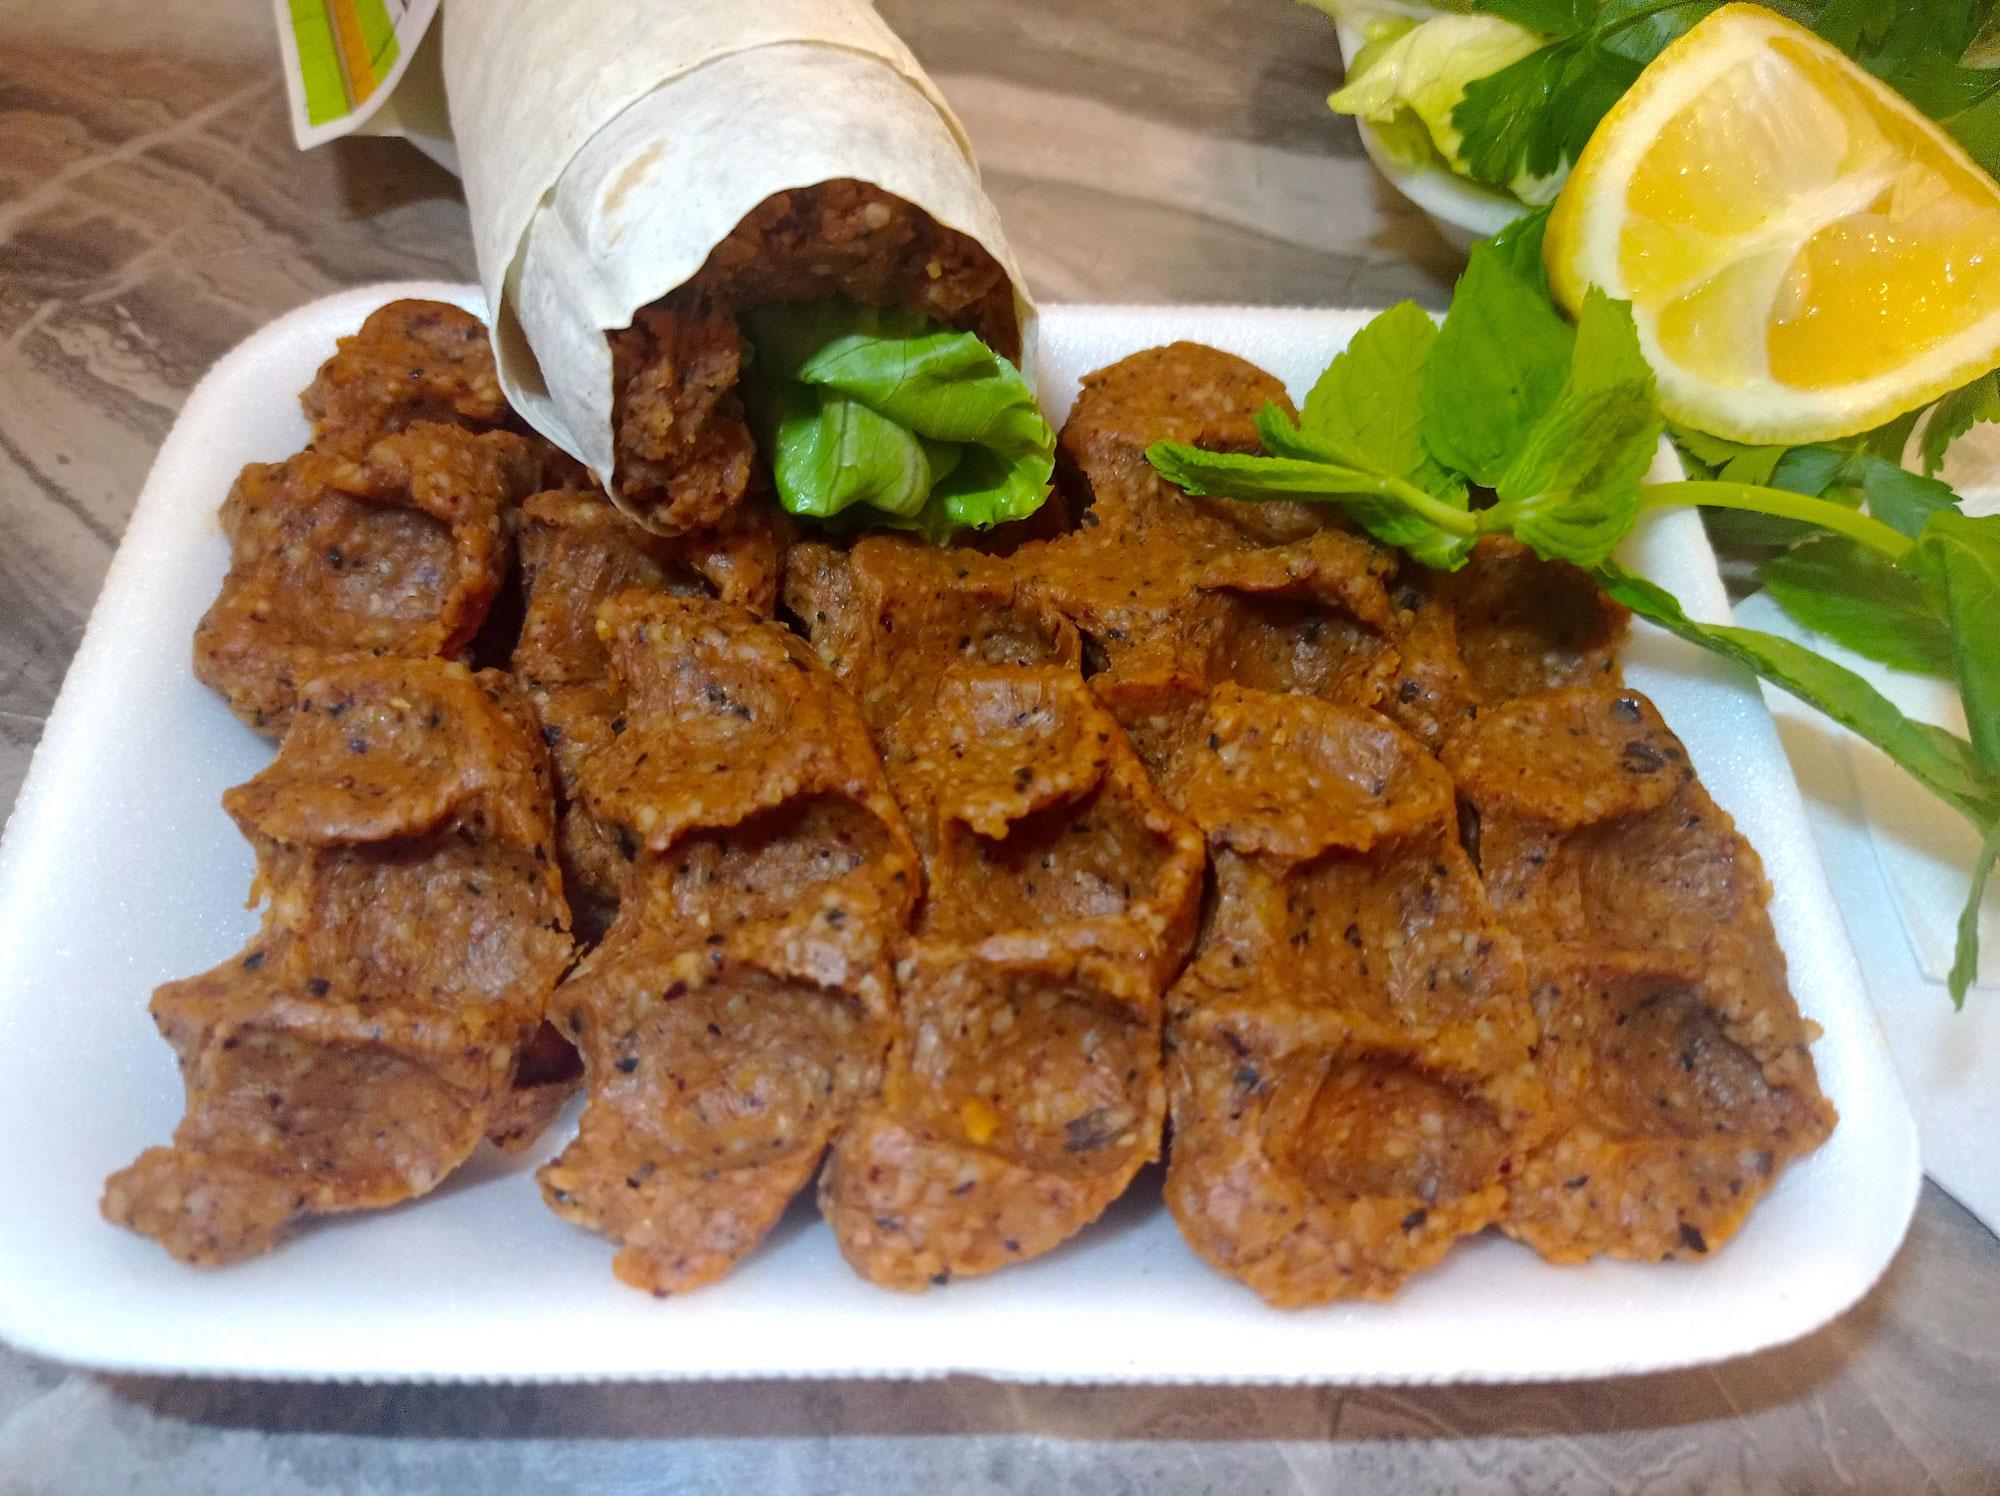 Vegan essen in der Türkei: diese türkischen Gerichte sind vegan